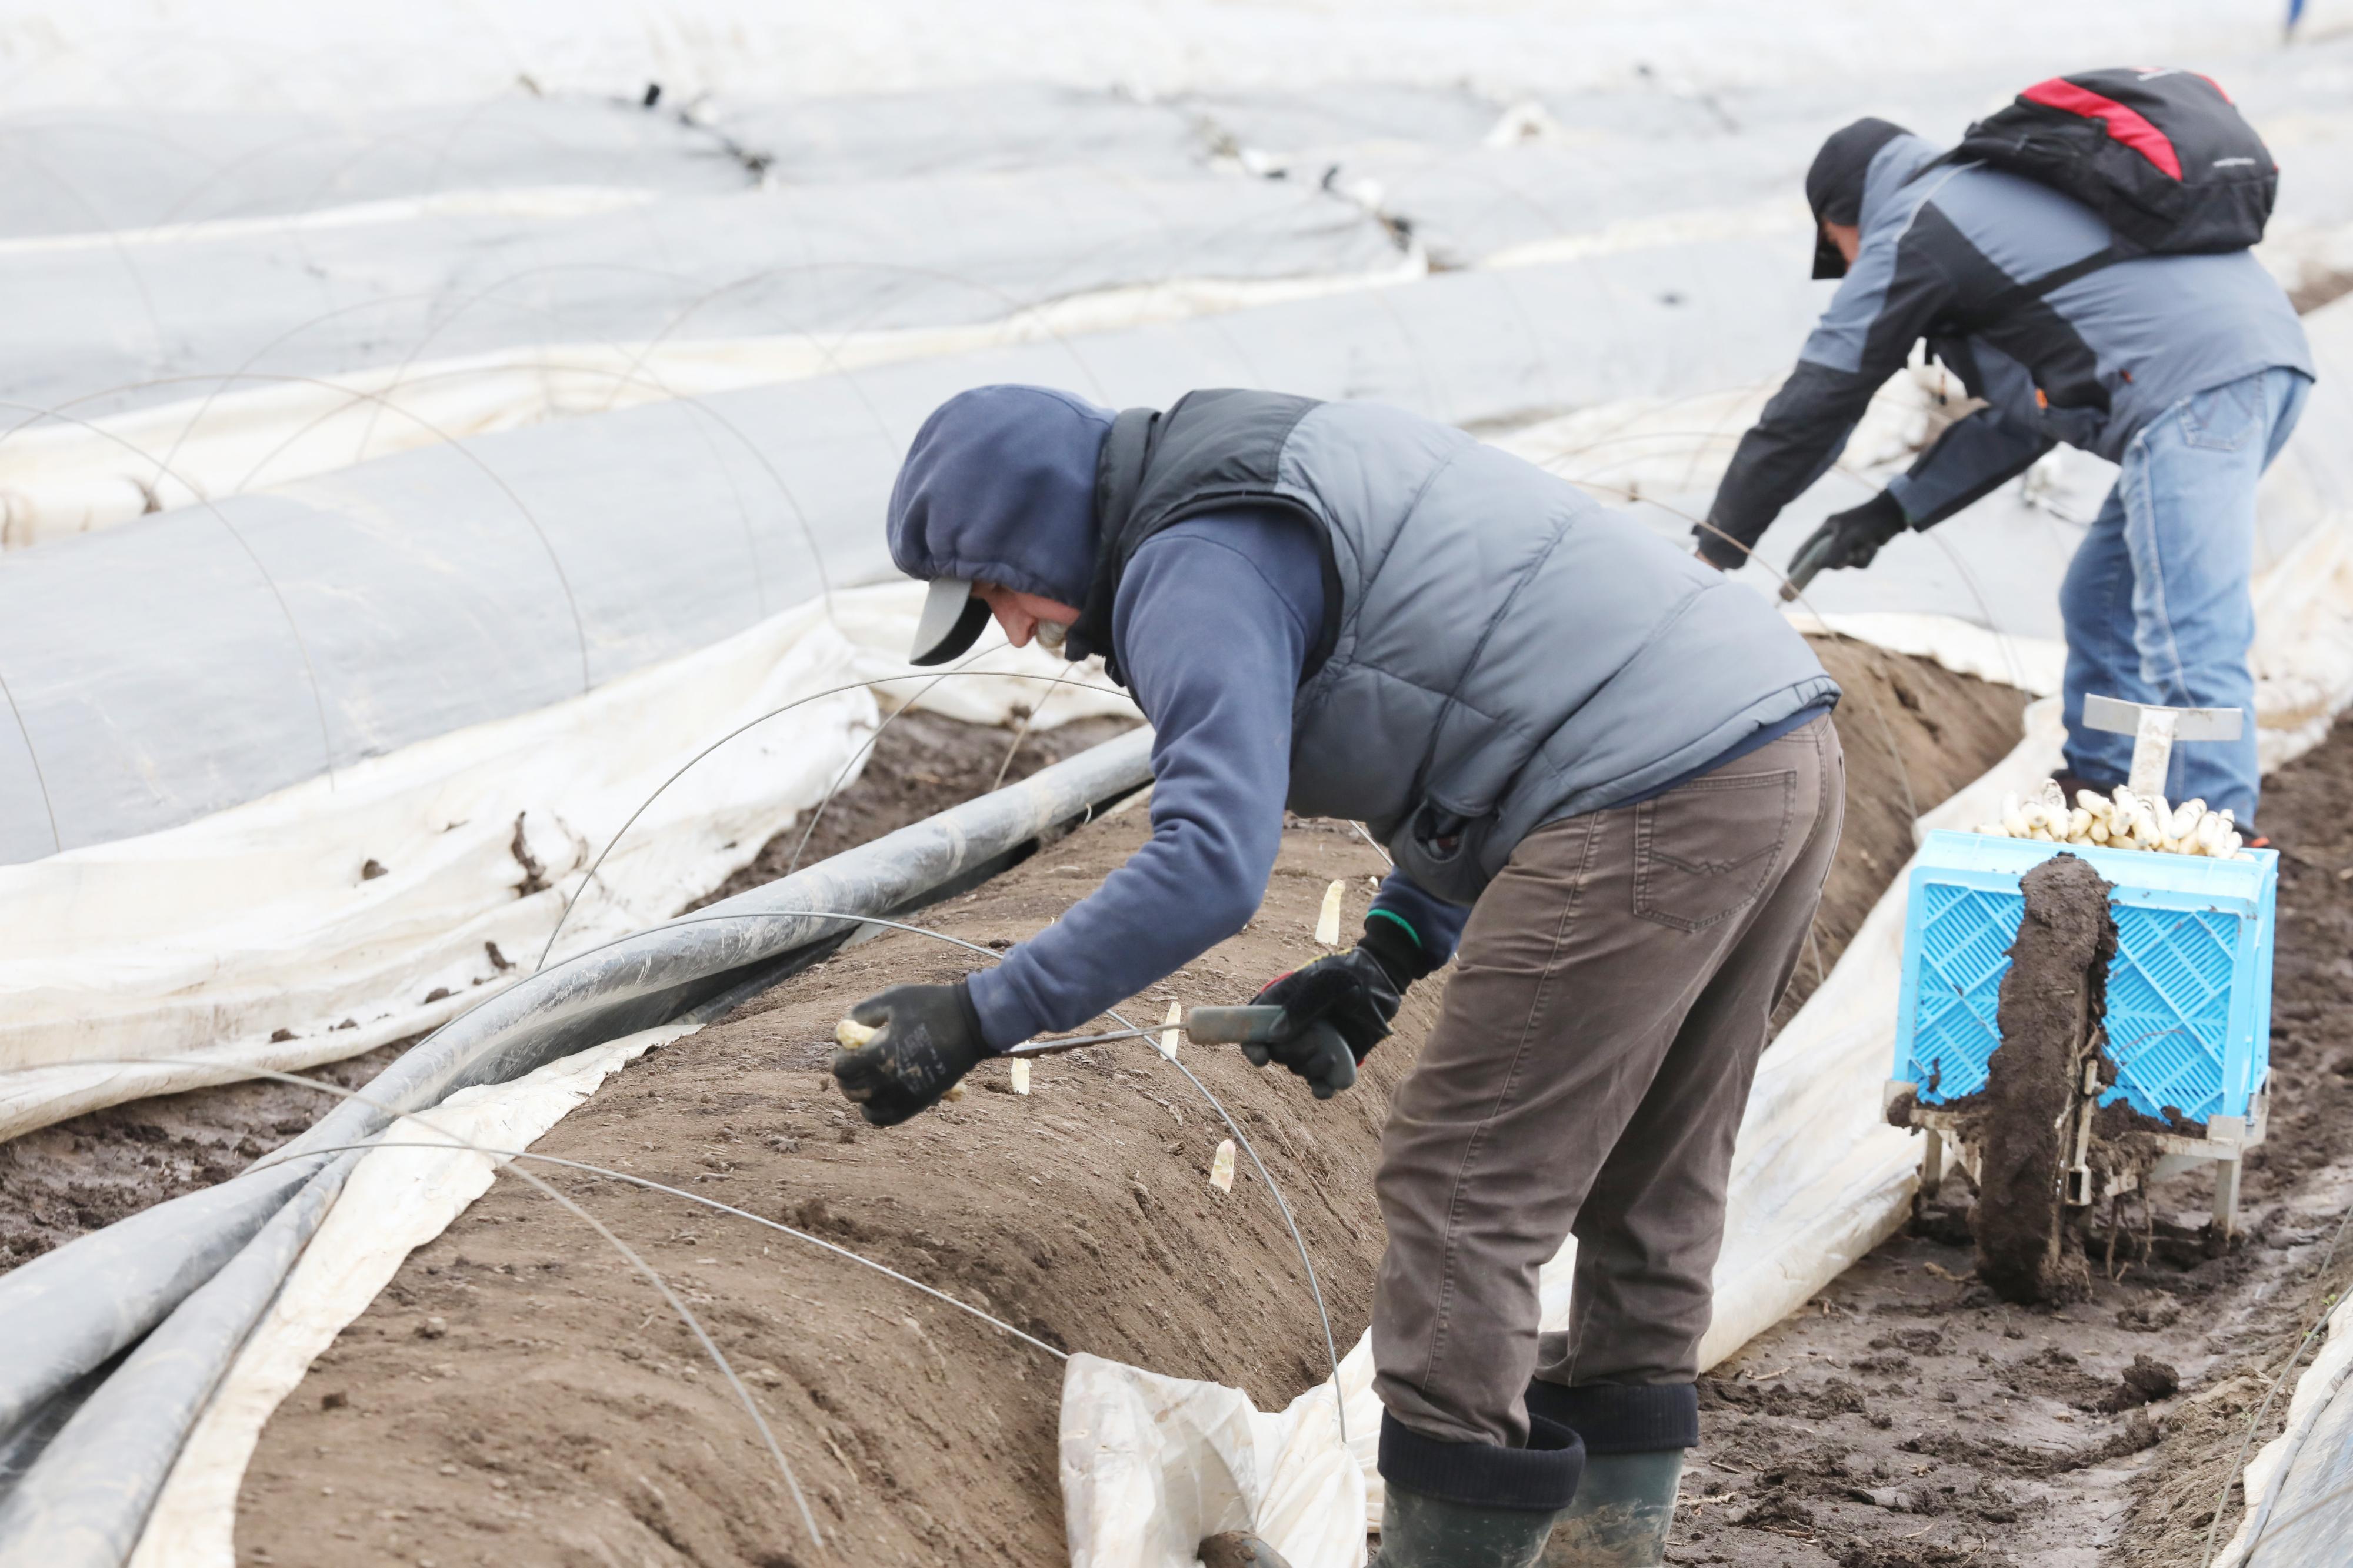 Corona-Ausbruch auf Spargelhof bei Sulingen: Erntehelfer erheben schwere Vorwürfe